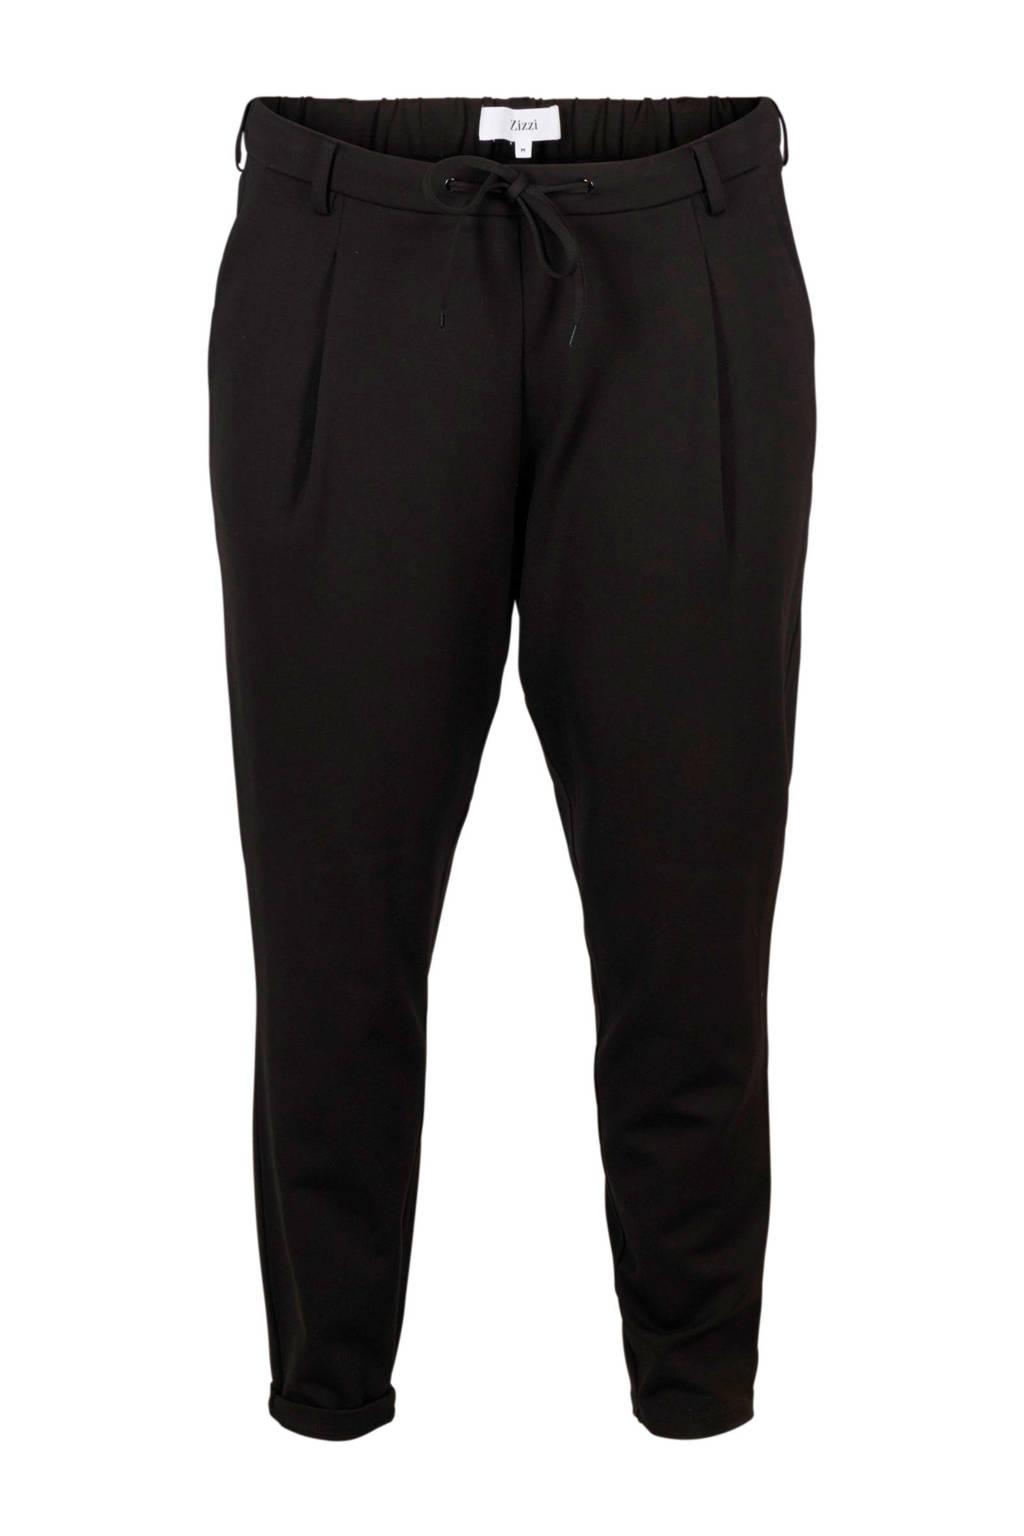 Zizzi regular fit broek, Zwart